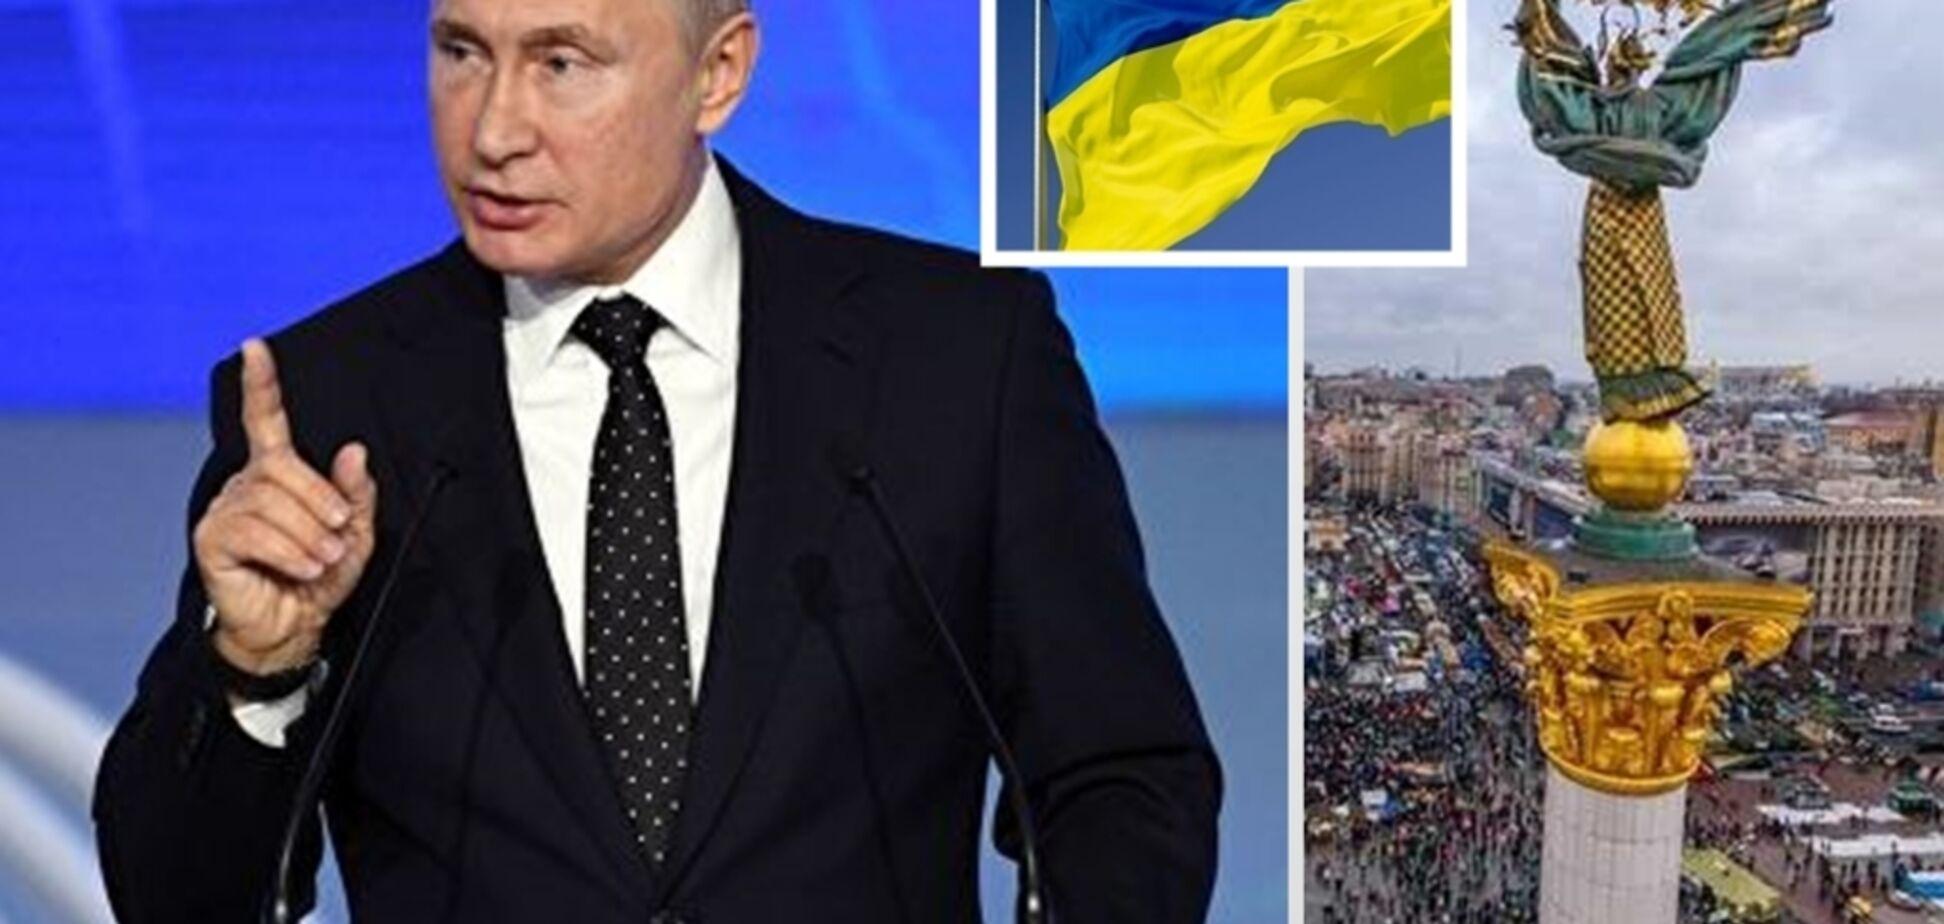 Погибнут тысячи украинцев и россиян. Украина выживет, а вот Россия еще неизвестно – американский историк